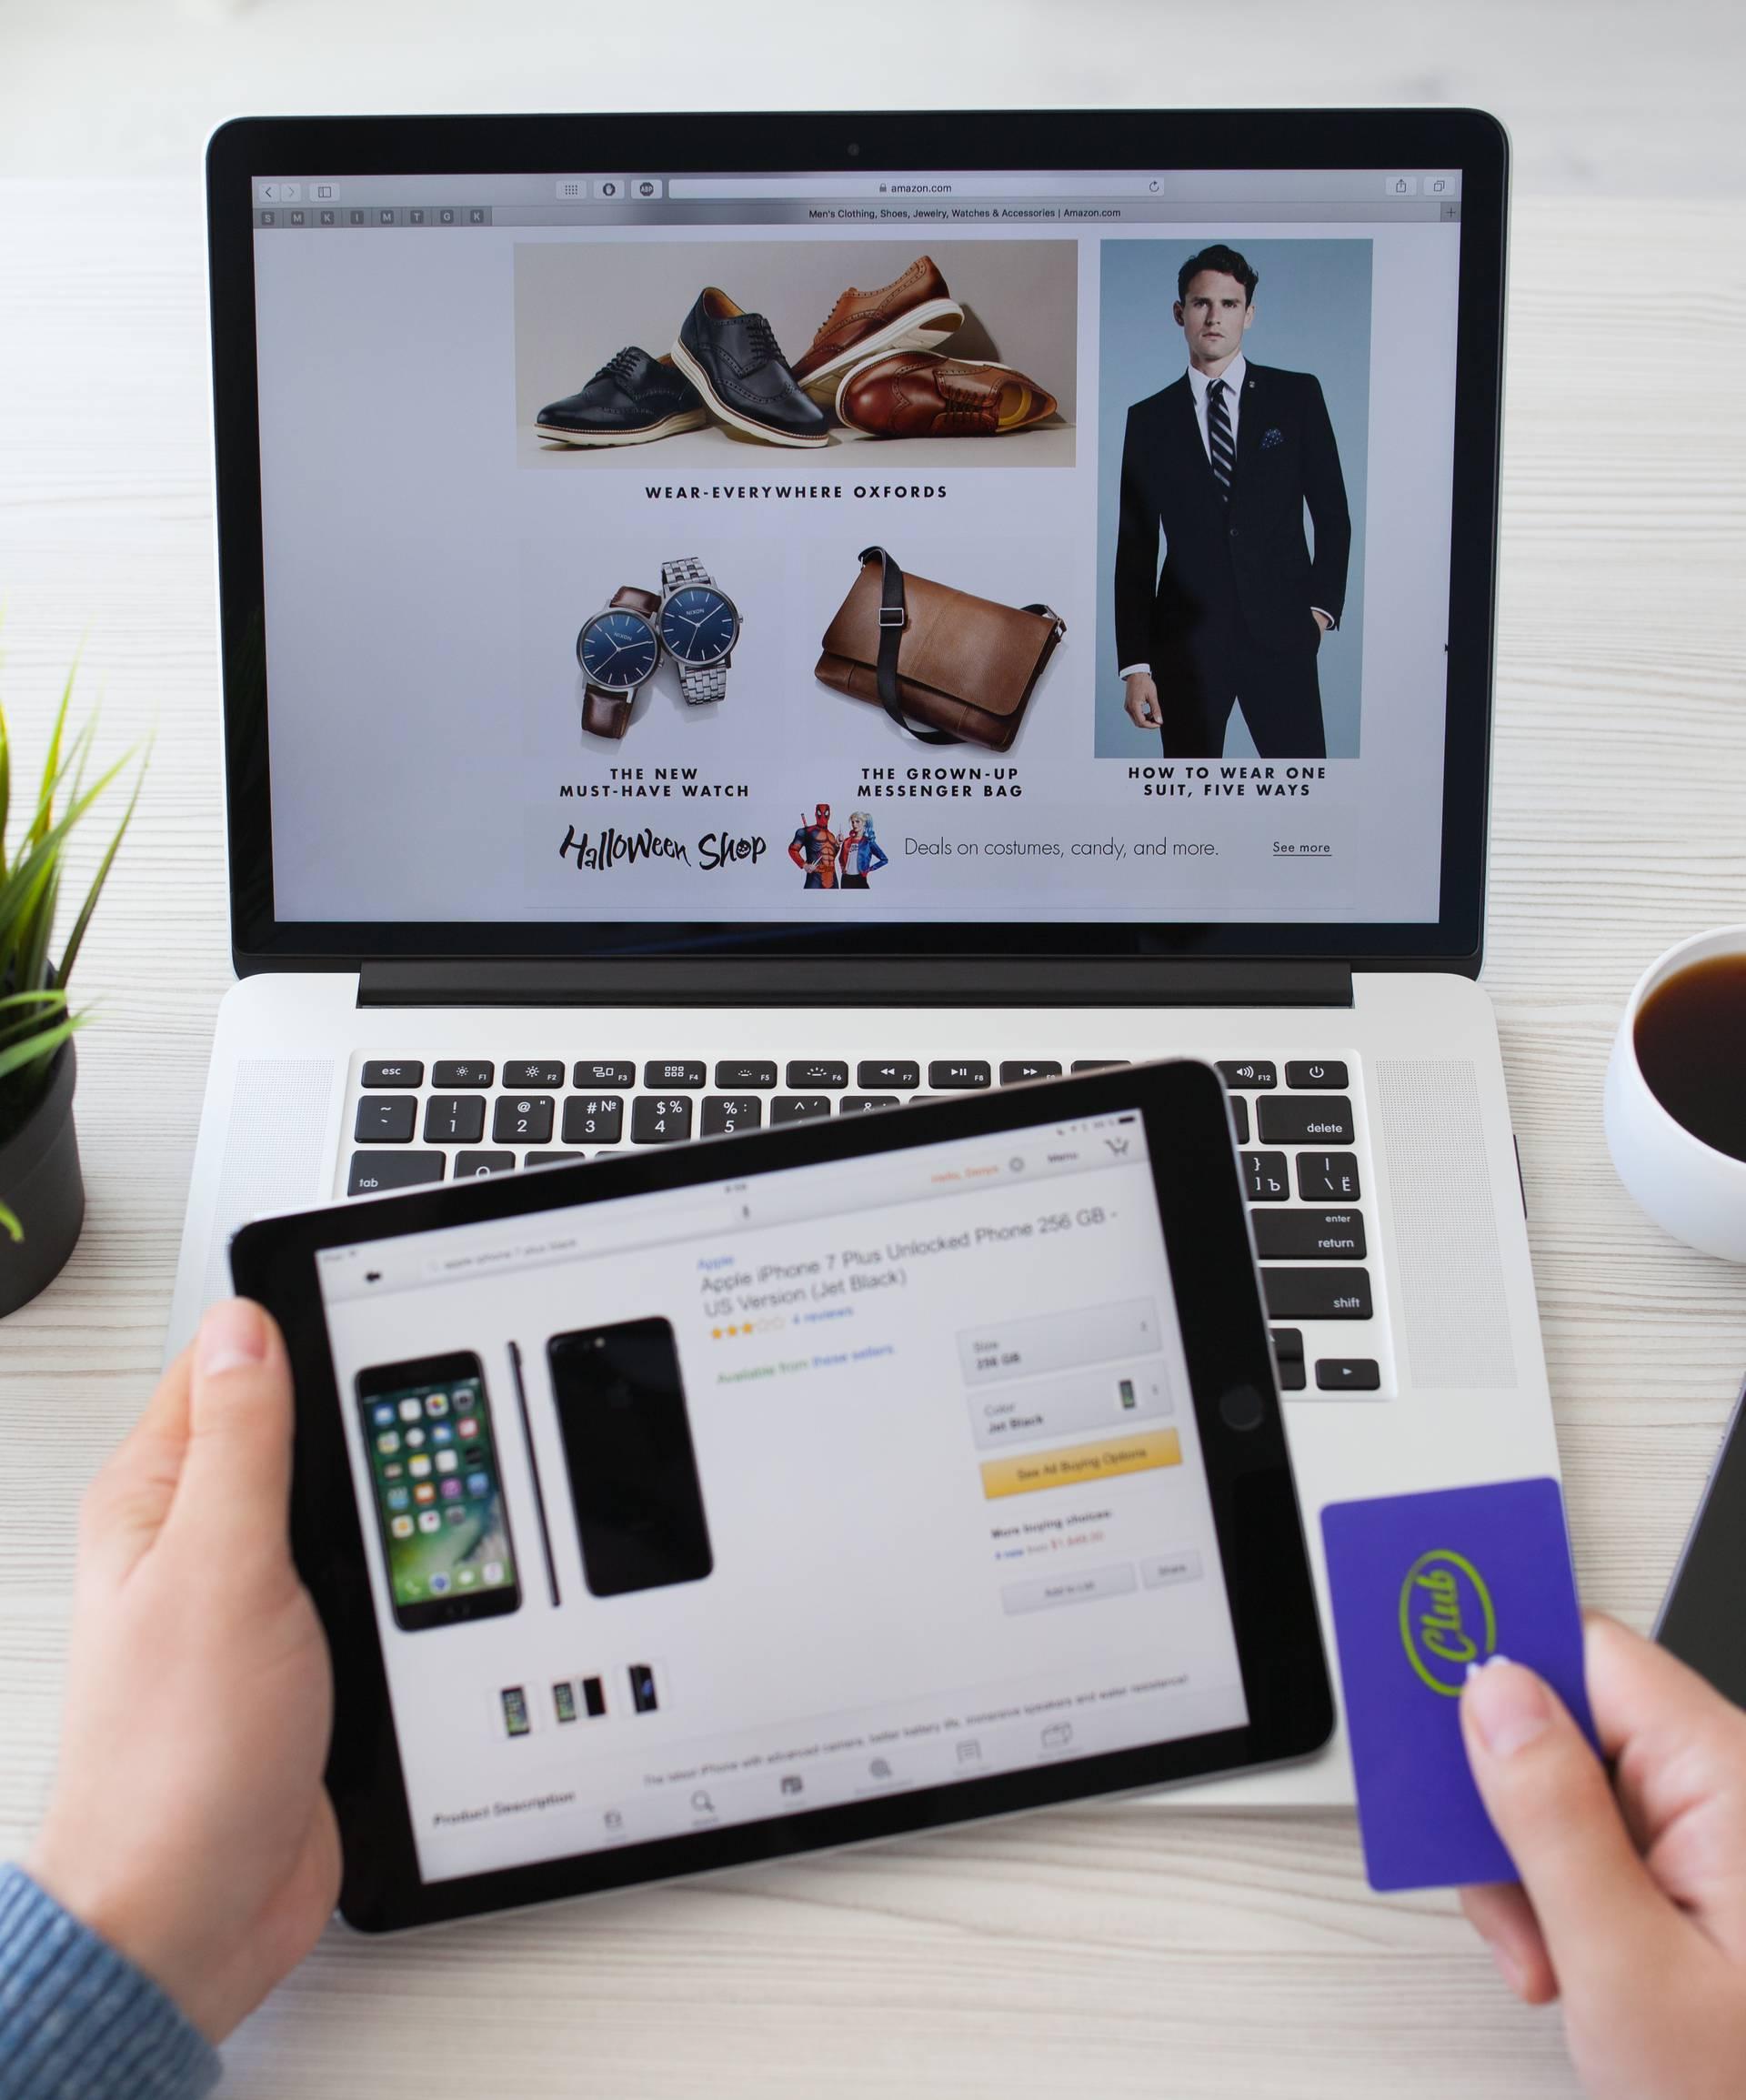 Online kupnja može se otkazati u 14 dana i to bez obrazloženja